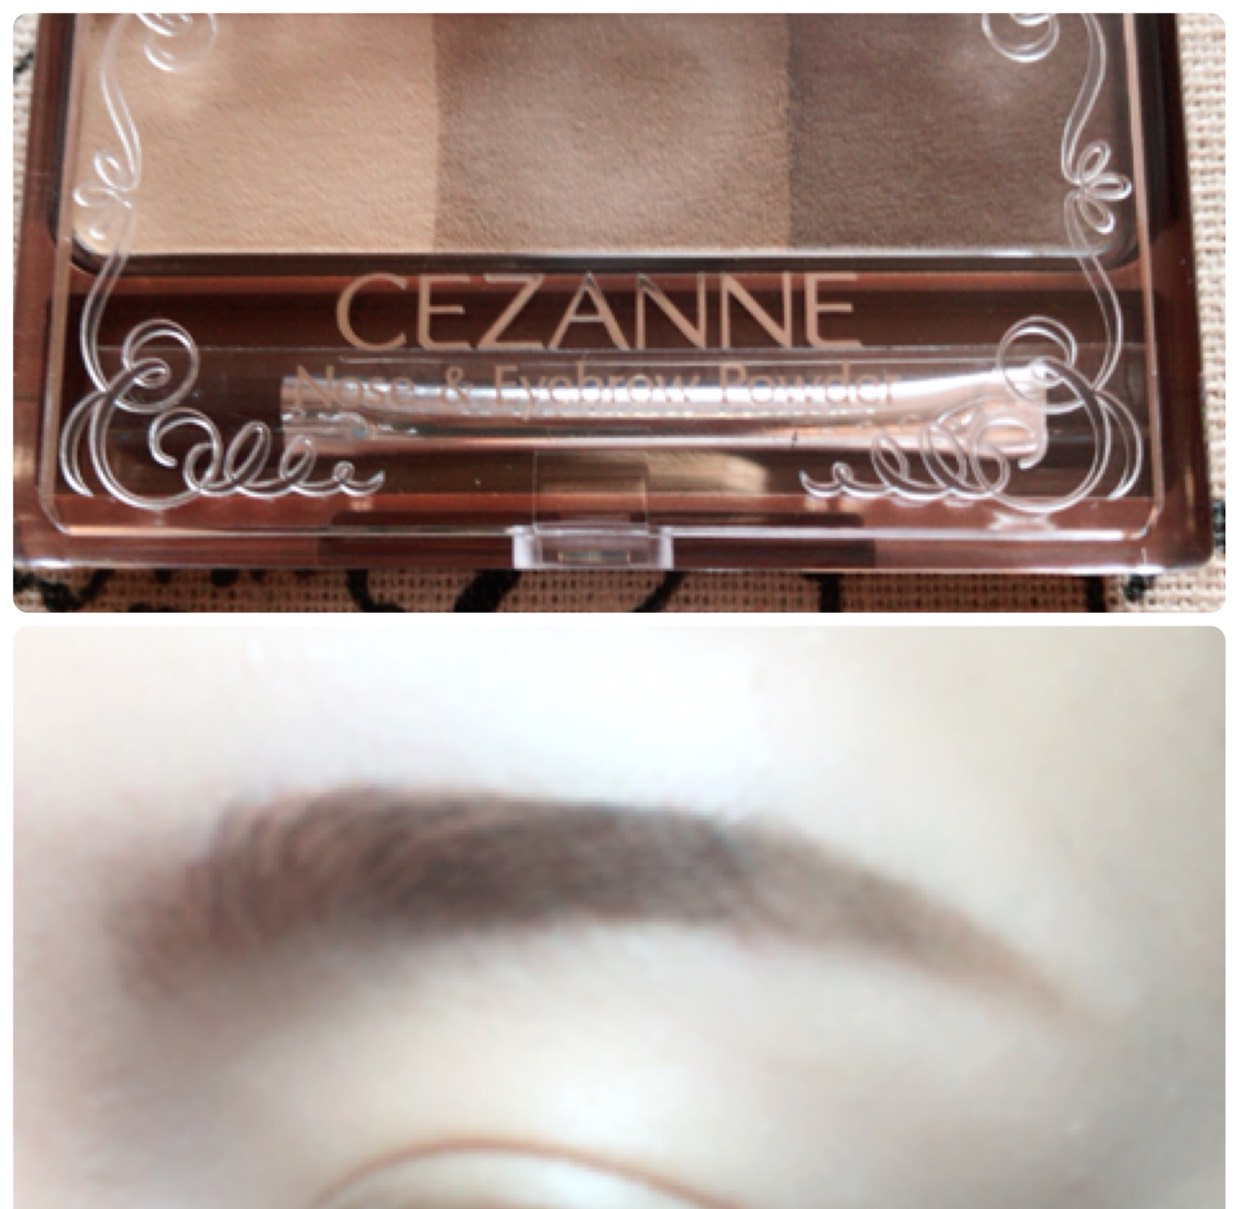 眉毛の足りないところをパウダーで書き足し、眉マスカラを塗ります。